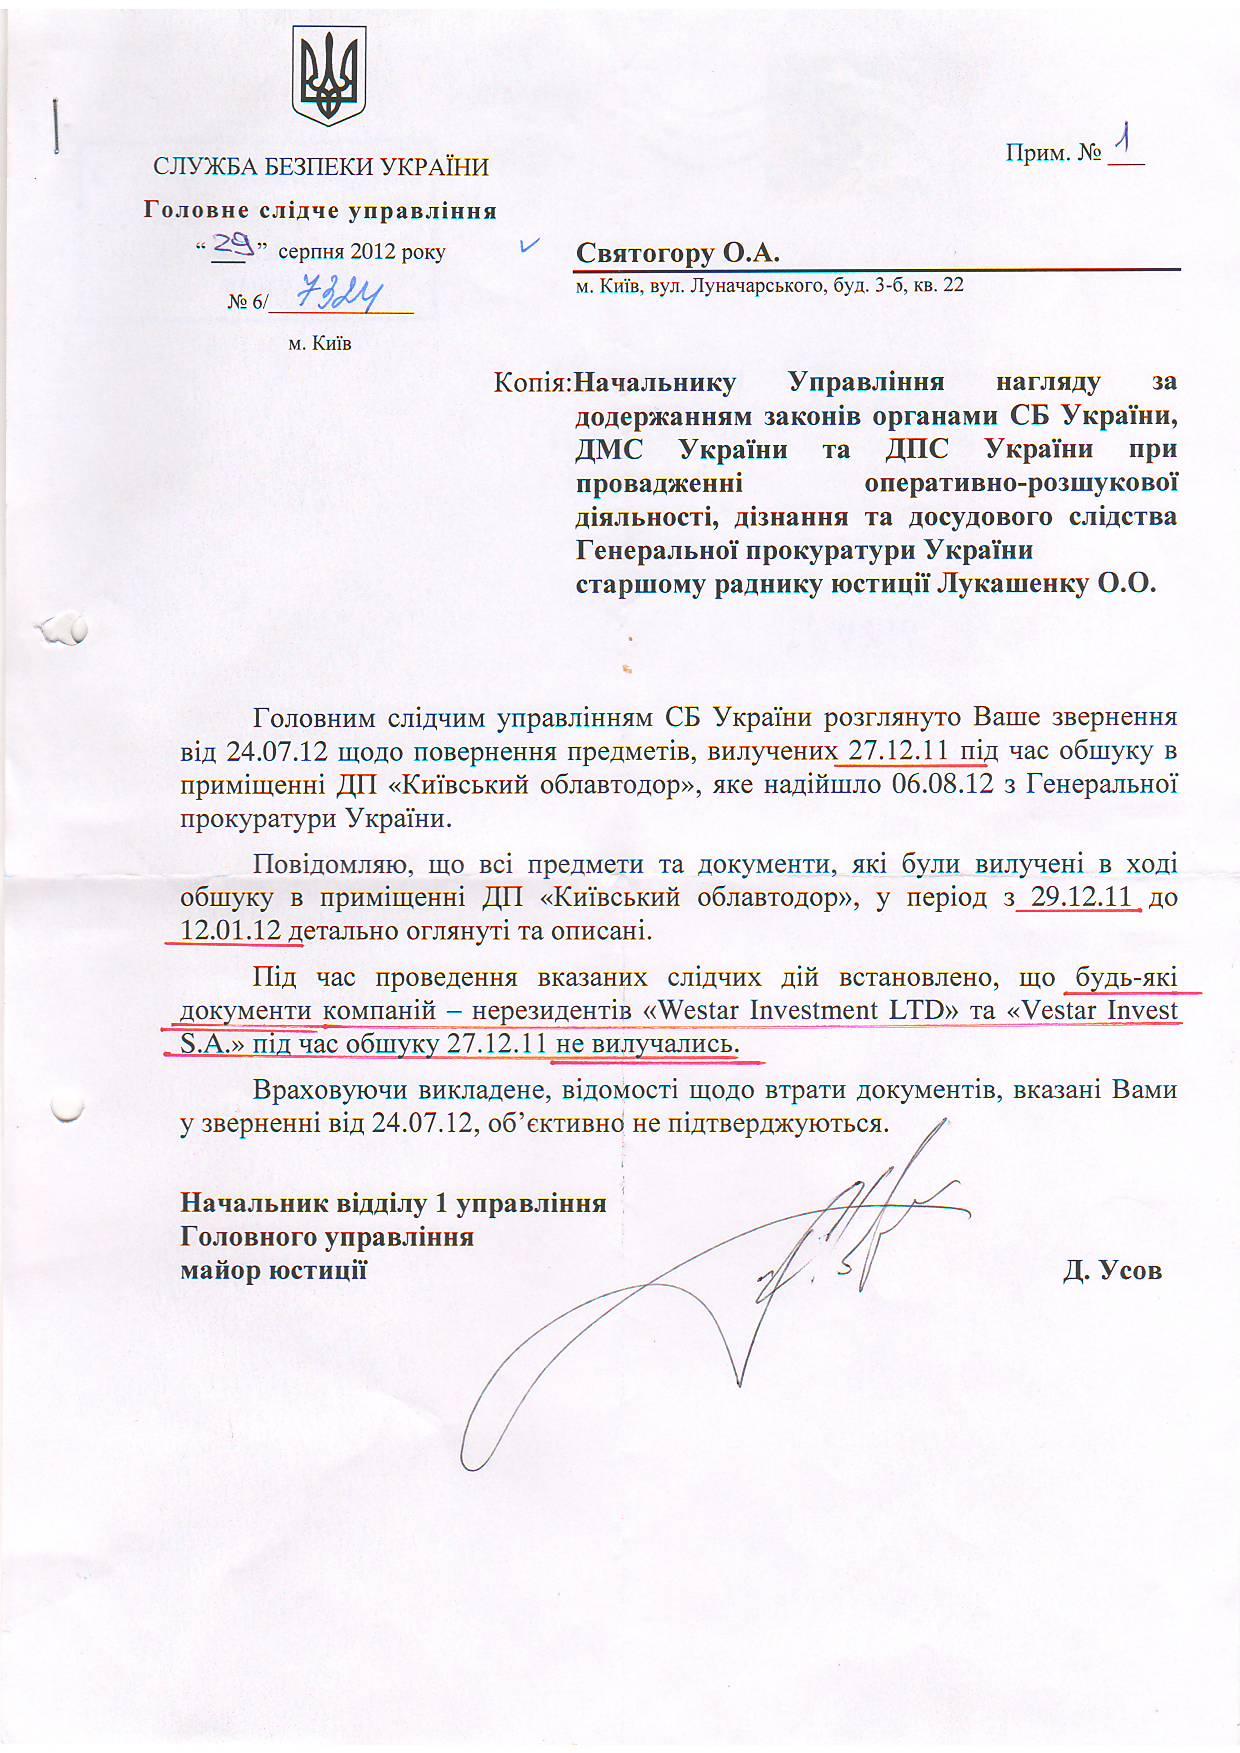 Бланки процессуальных документов по новому упк 2012 года